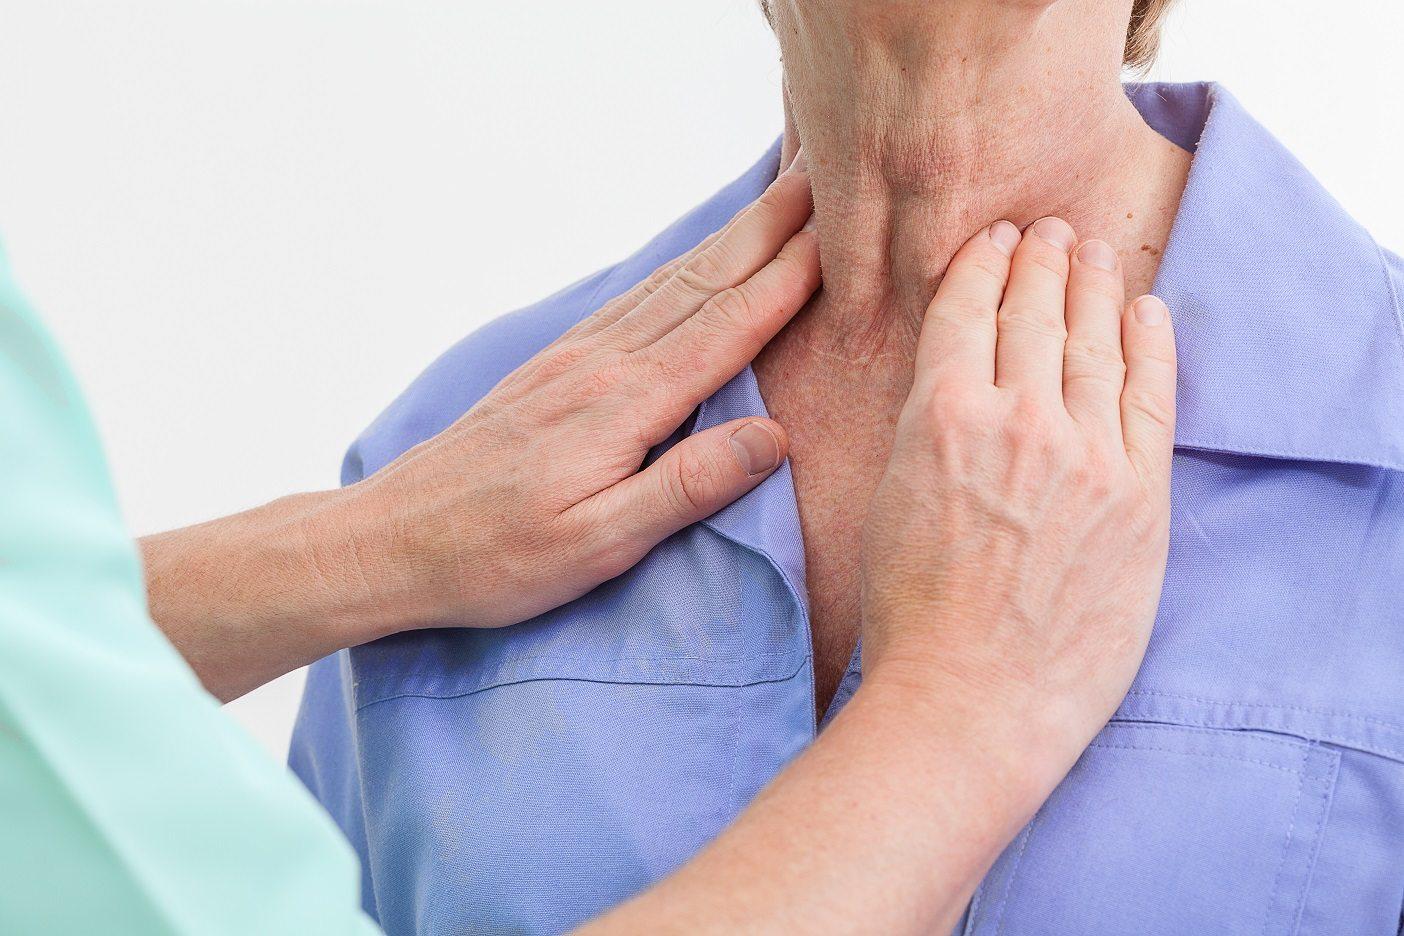 Naperville, IL Hypothyroidism Care Services